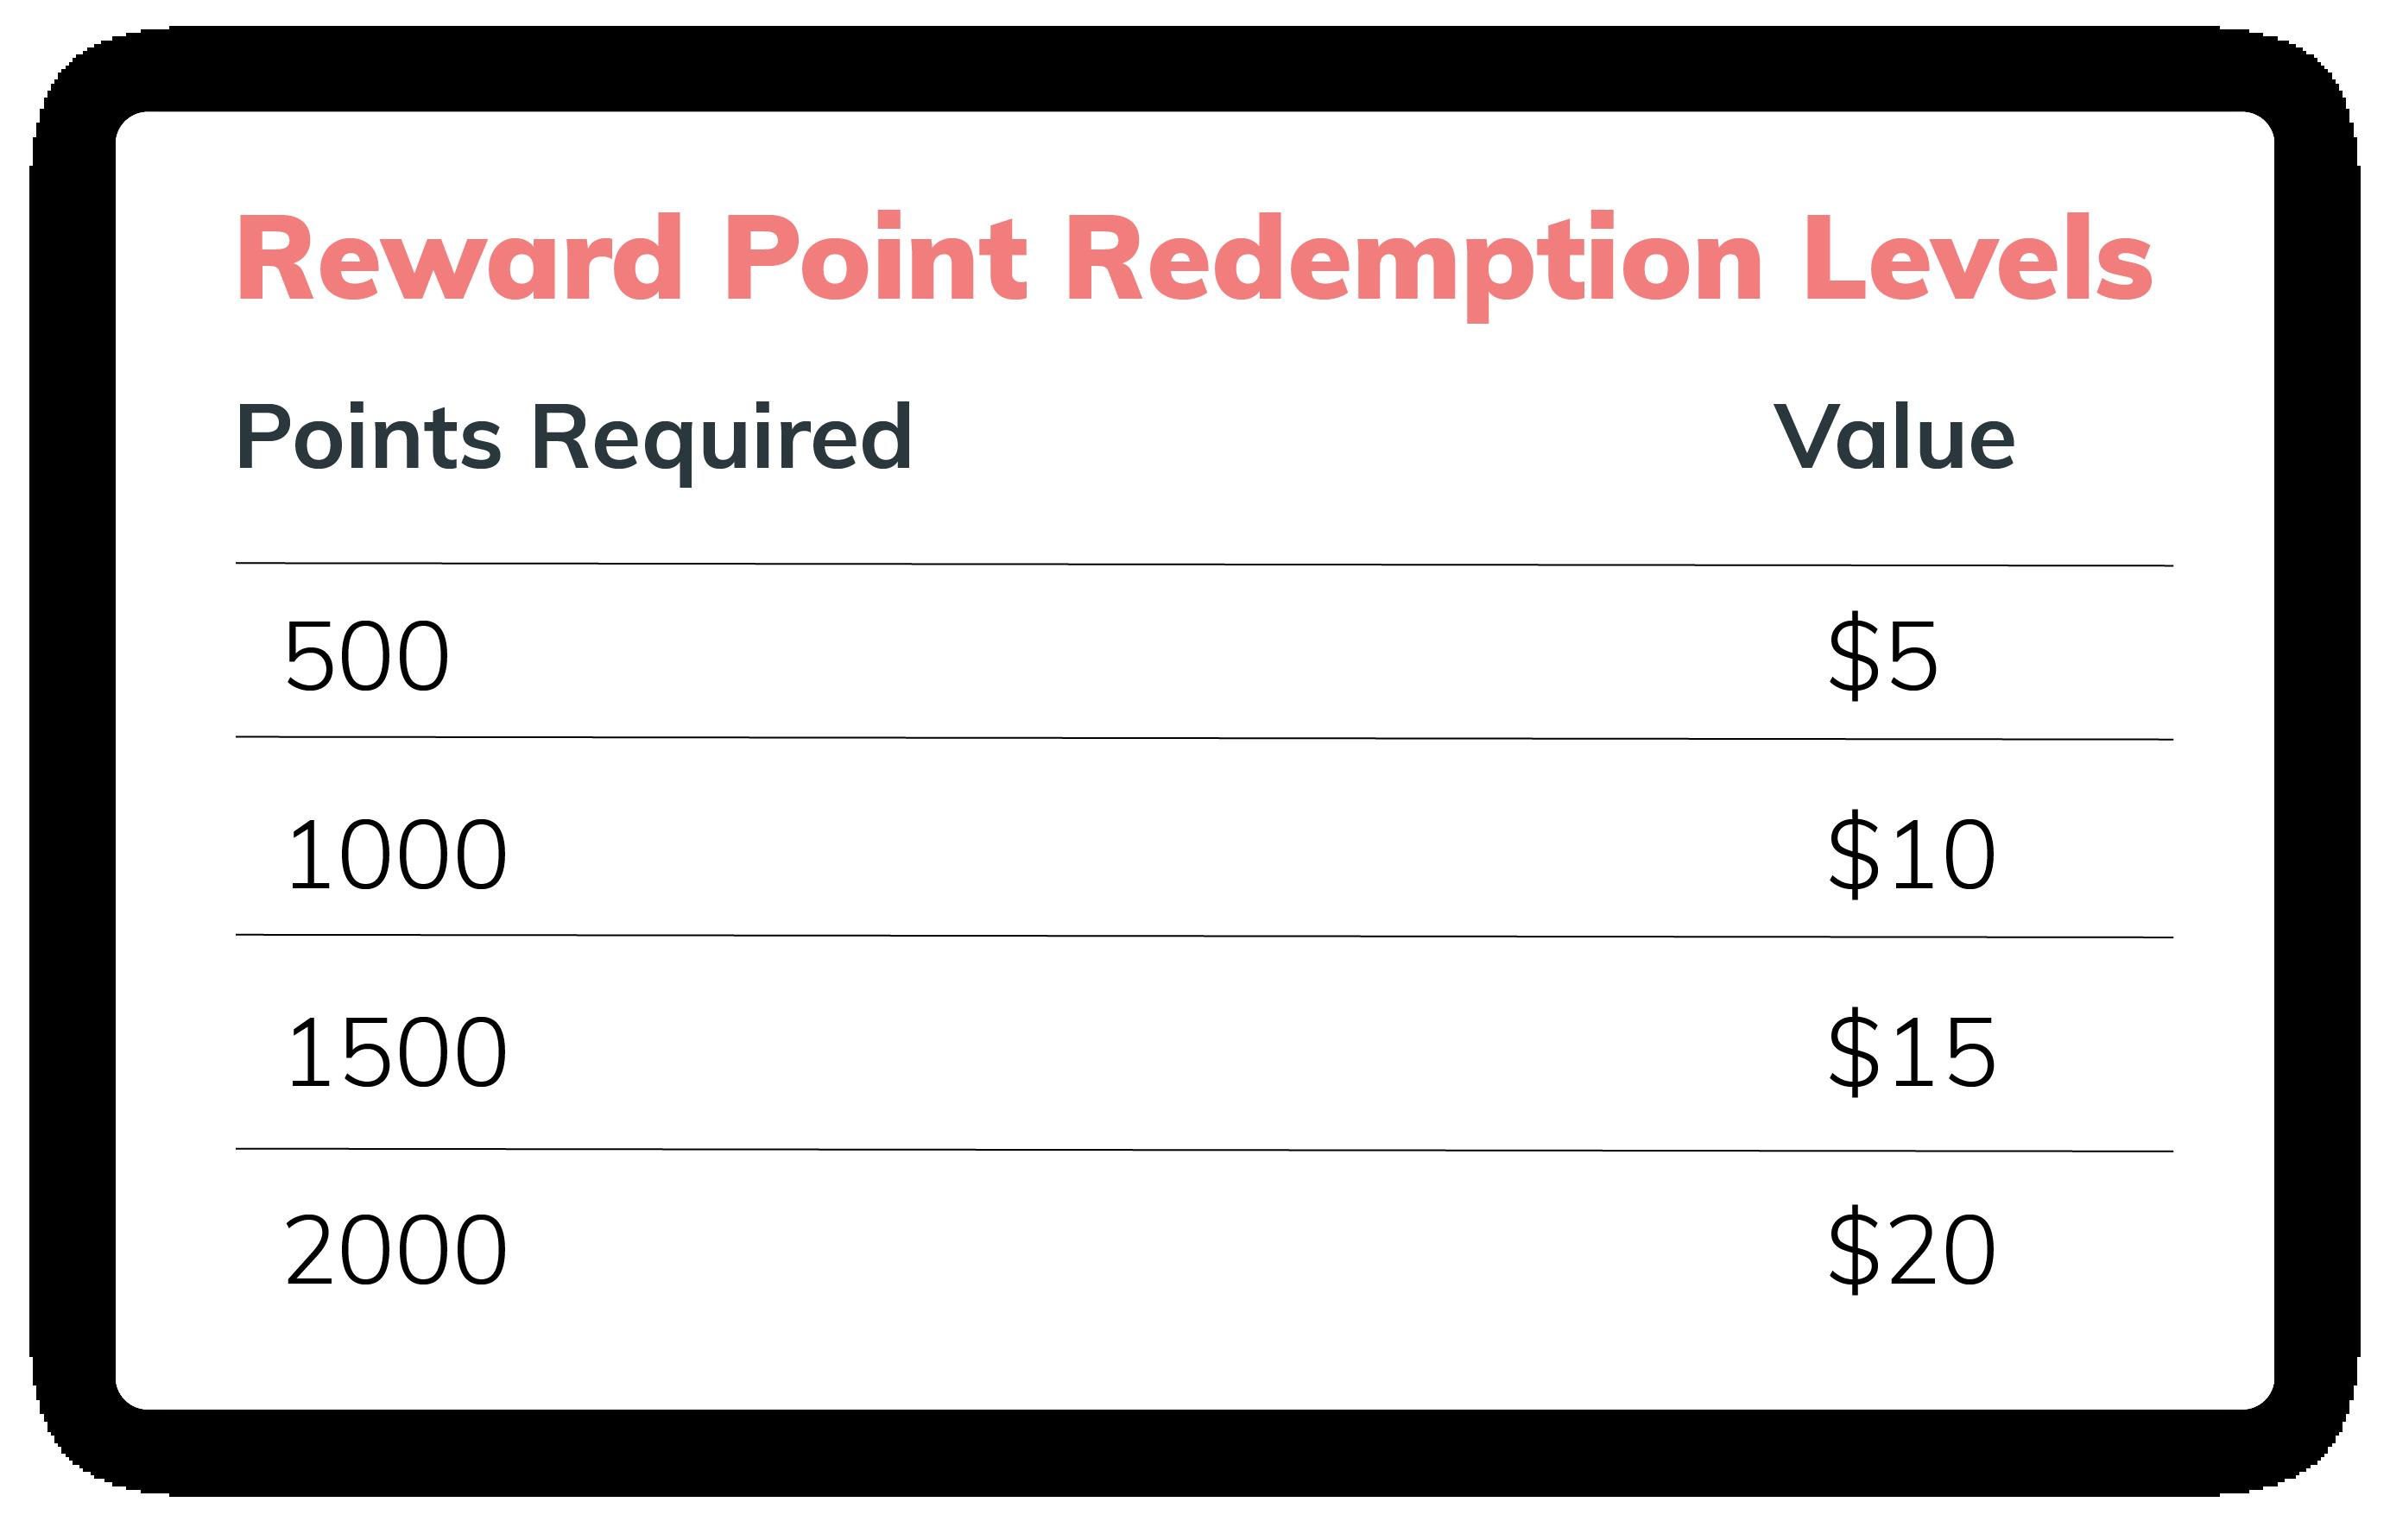 Reward Point Redemption Levels